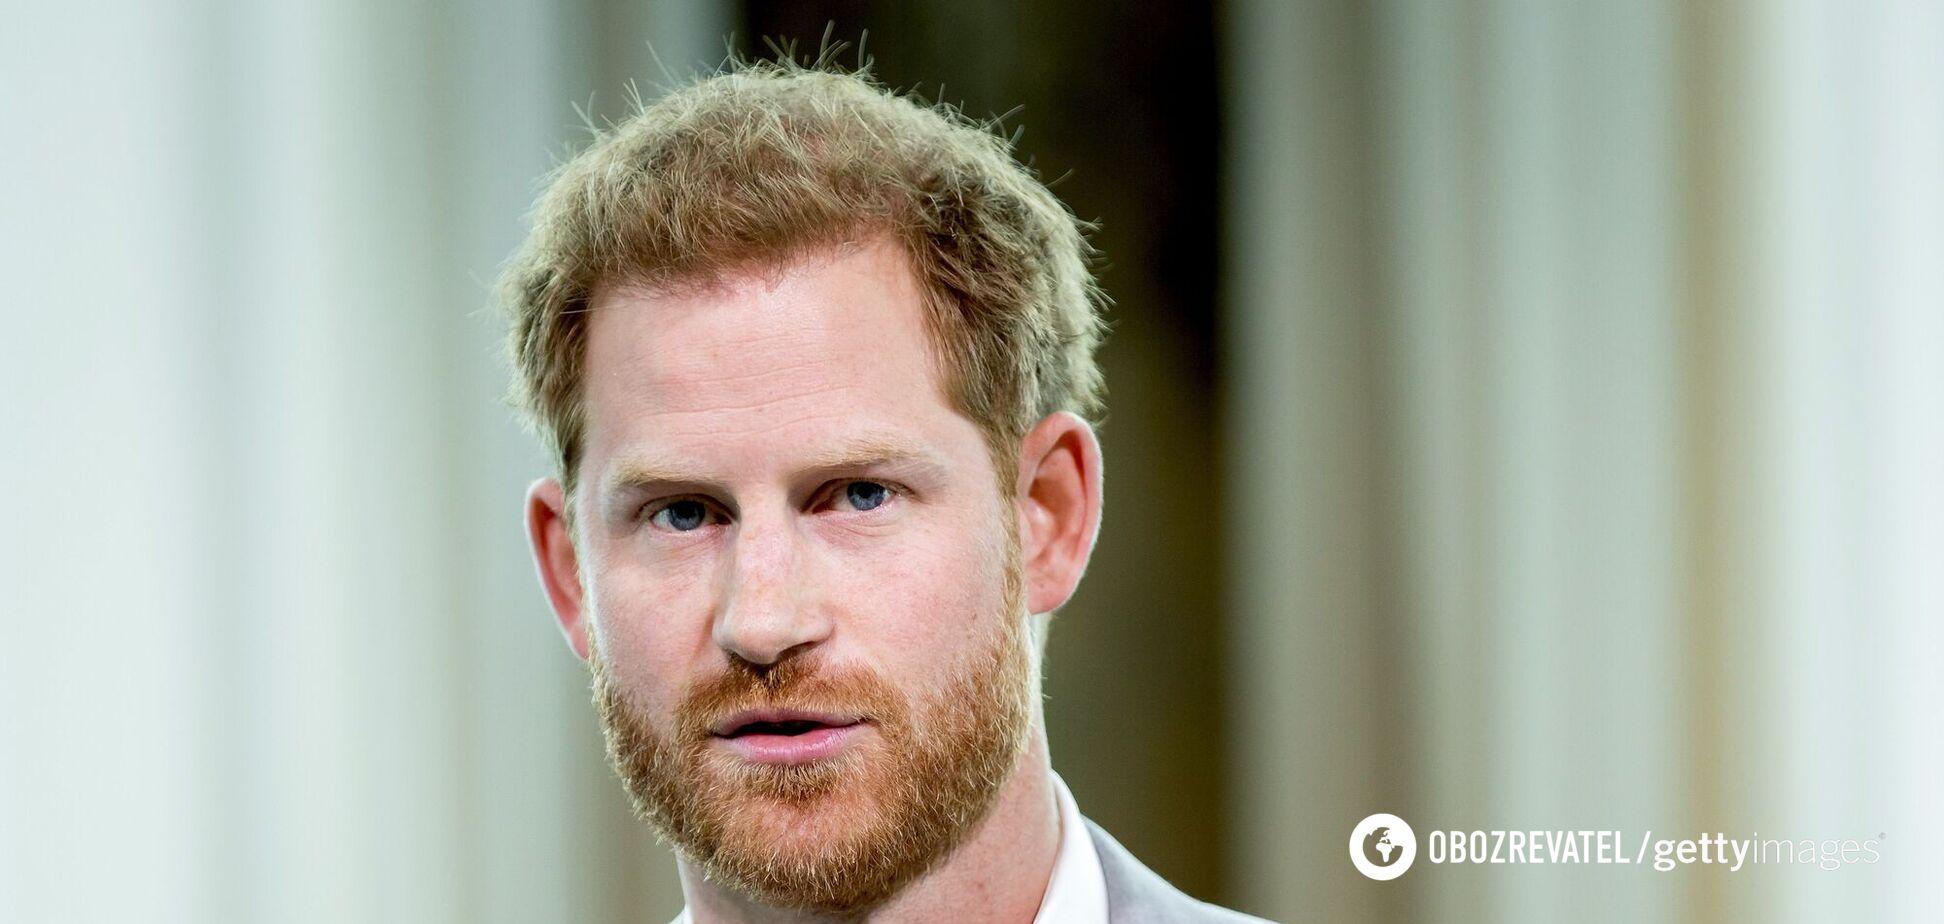 Принц Гарри встретился с известной предпринимательницей в день 95-летия королевы